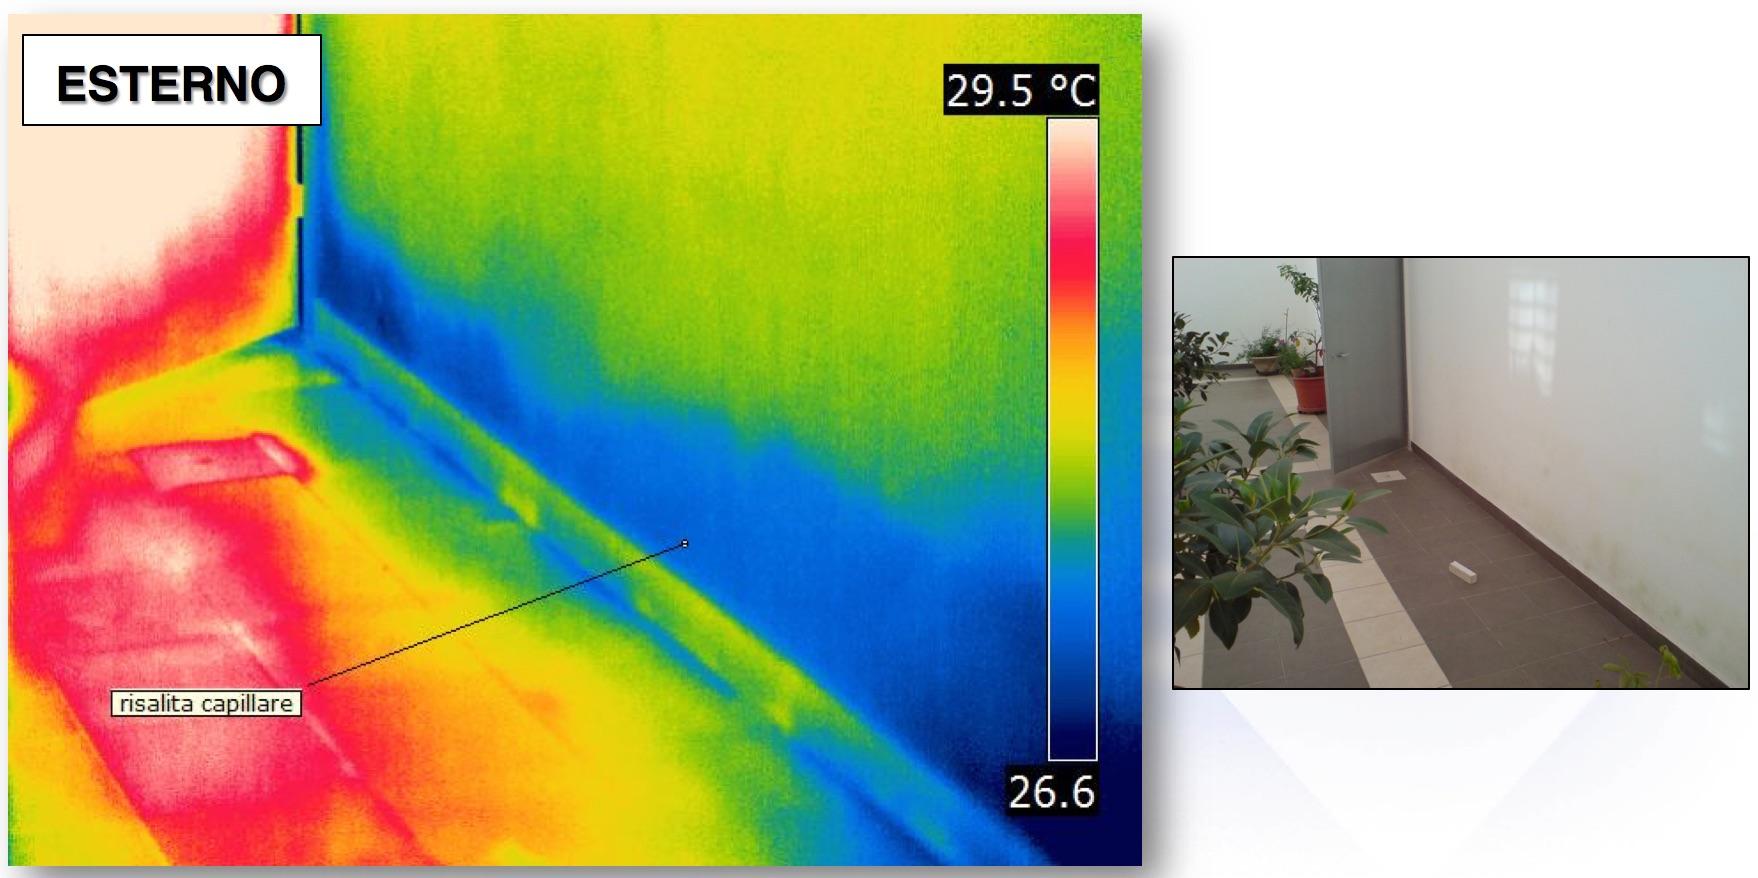 Termografia Edile - Applicazioni : Individuare L'umidità nei risalita